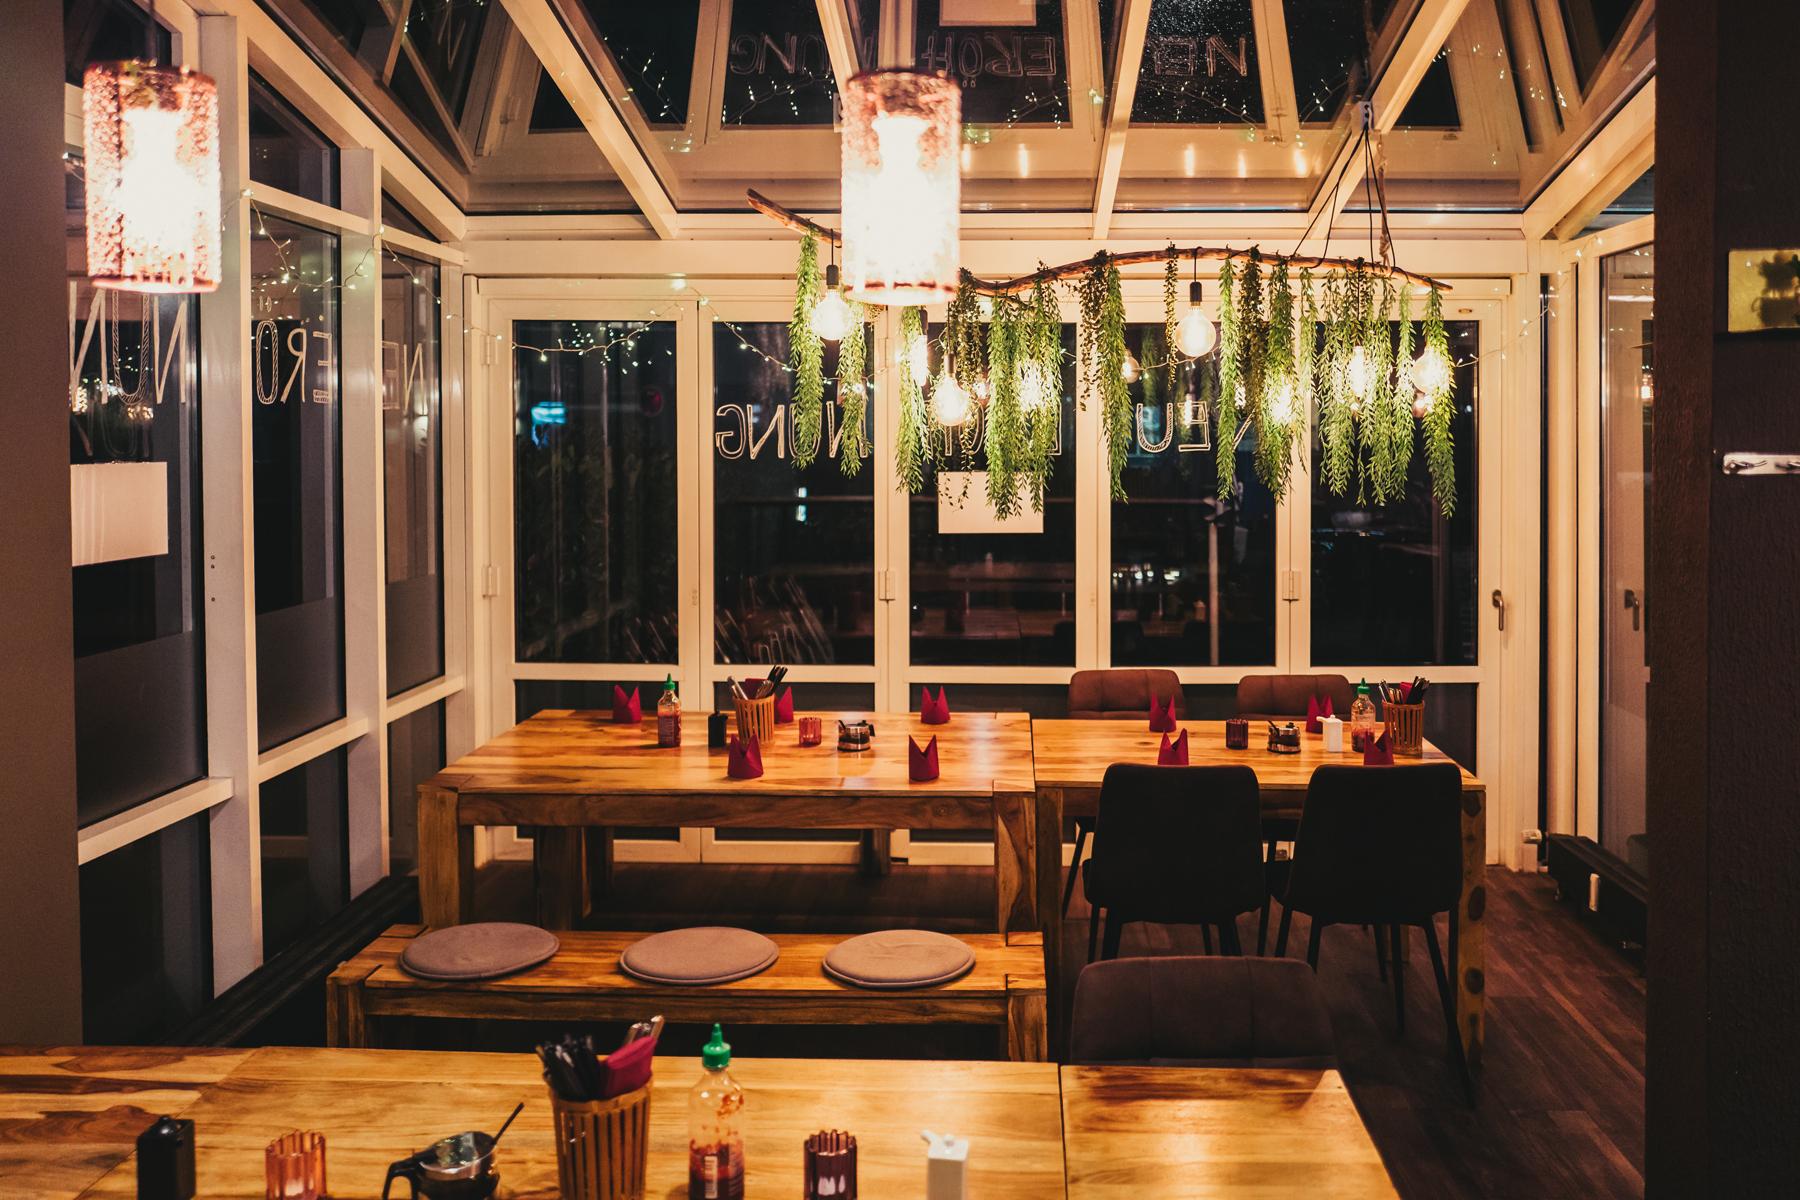 Geheimtipp Hamburg Essen & Trinken Restaurant Barmbek Di An Di Dahlina Sophie Kock 4